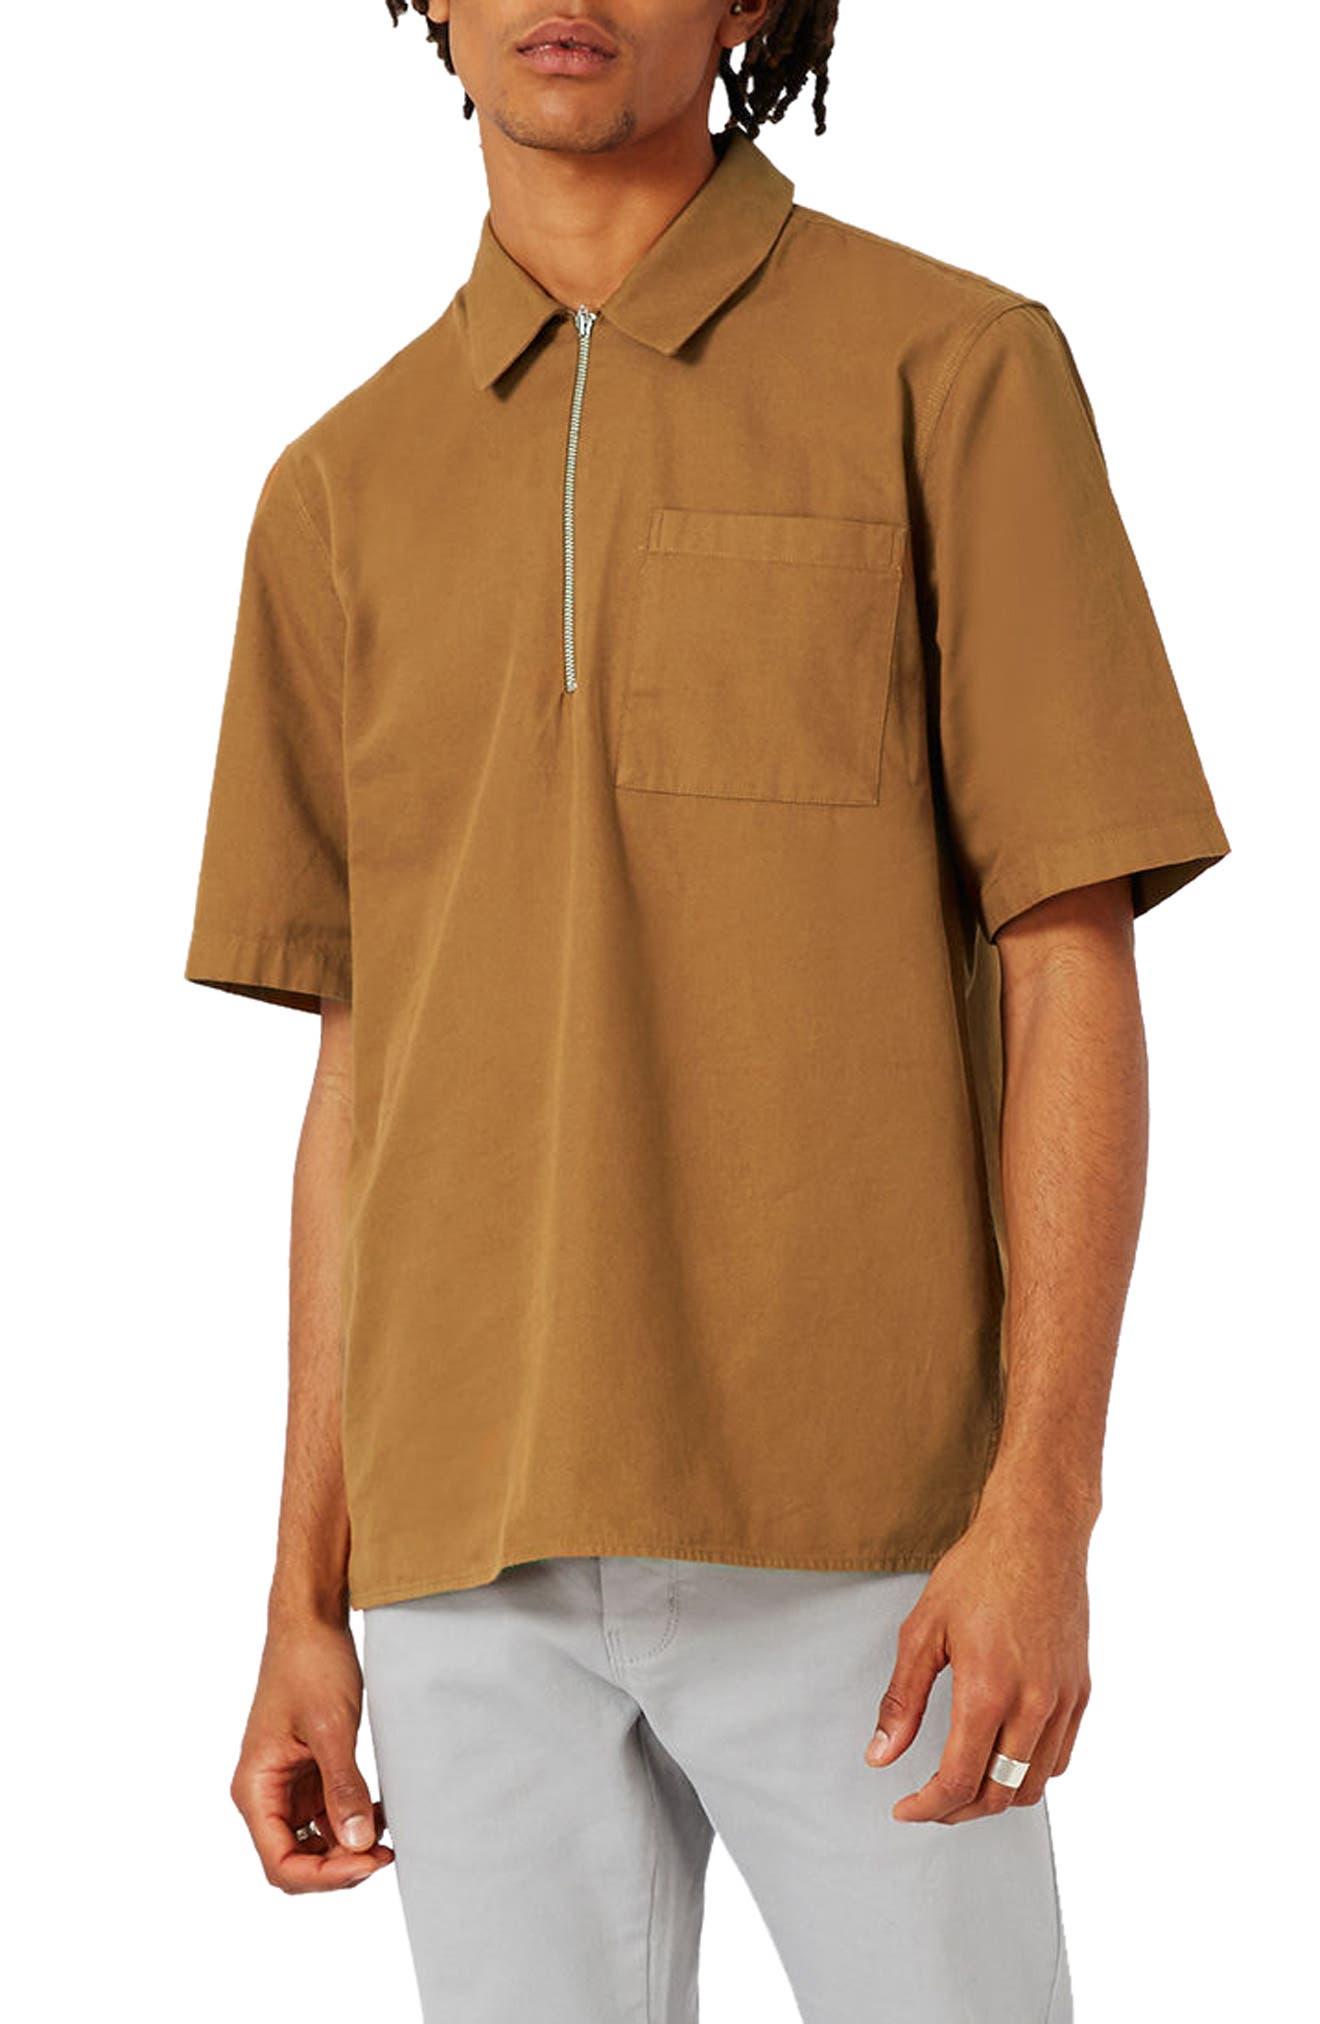 Topman Half Zip Work Shirt